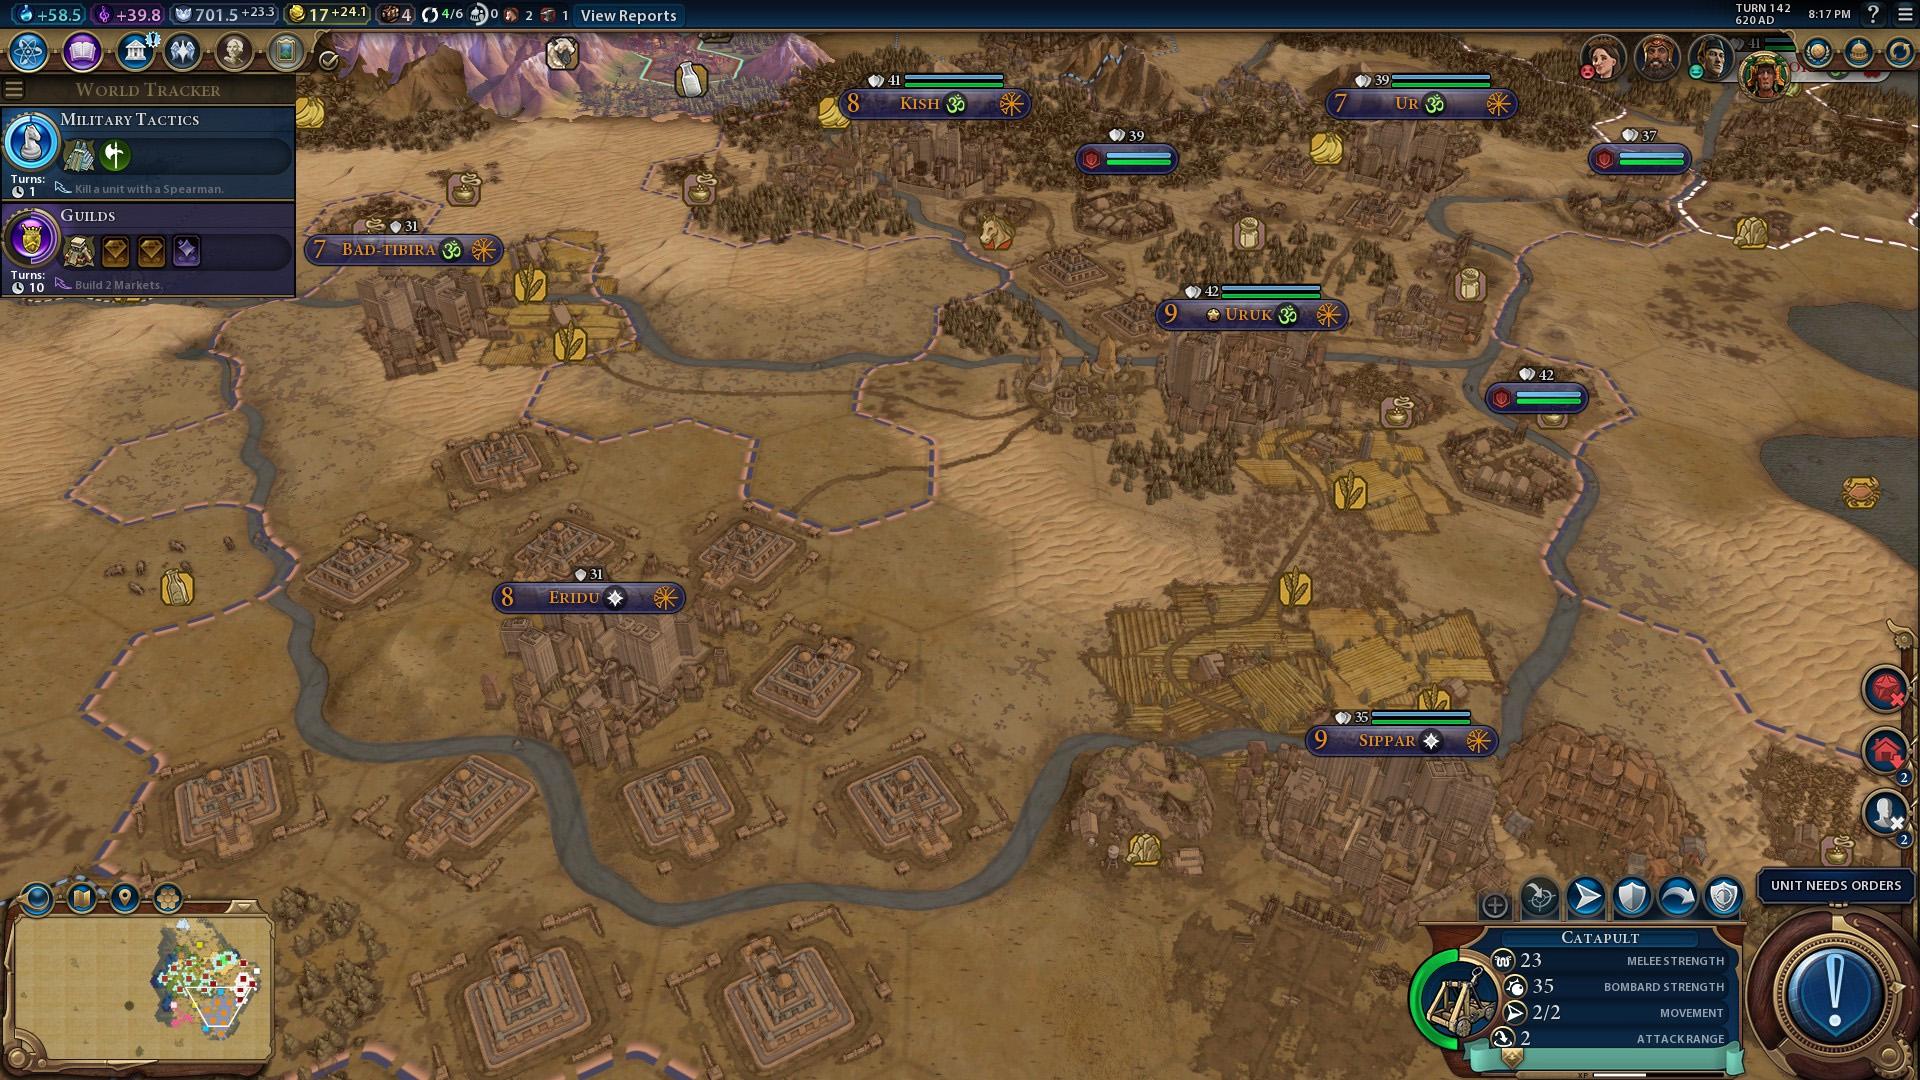 Gilgamesh is the first to civilize in Civilization VI | Mega